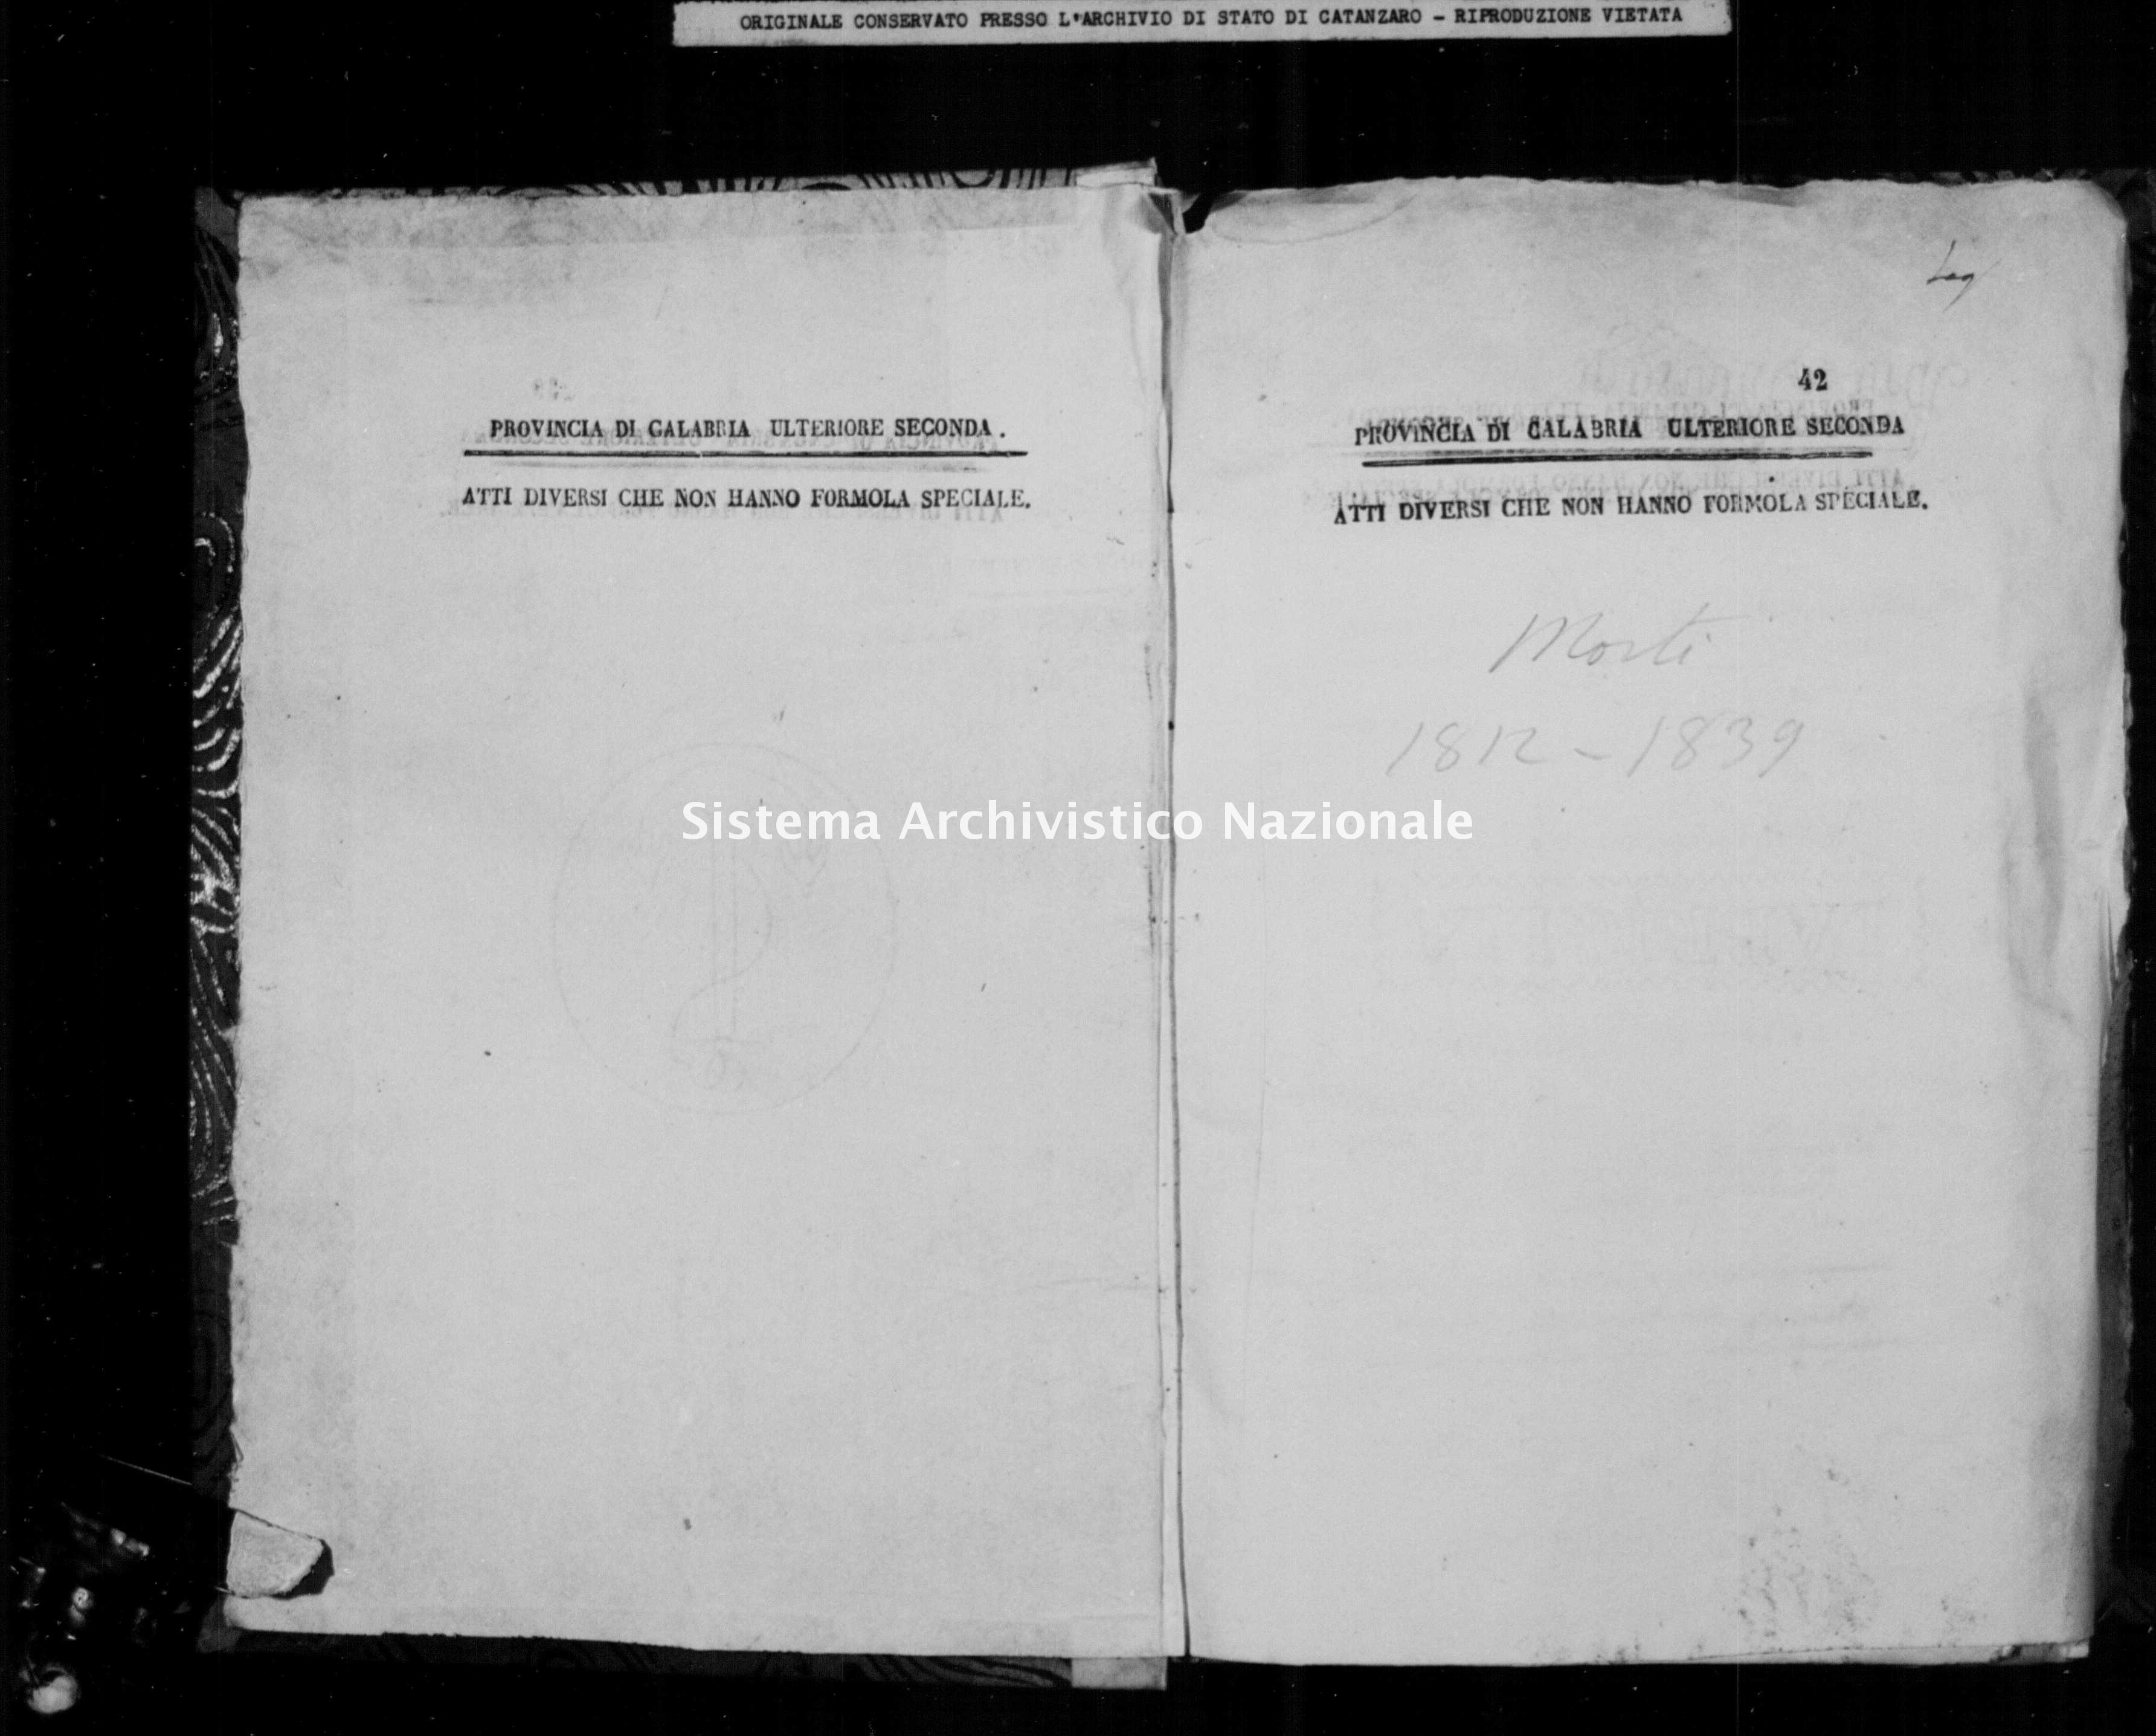 Archivio di stato di Catanzaro - Stato civile napoleonico - Brattiro - Morti - 1812 -